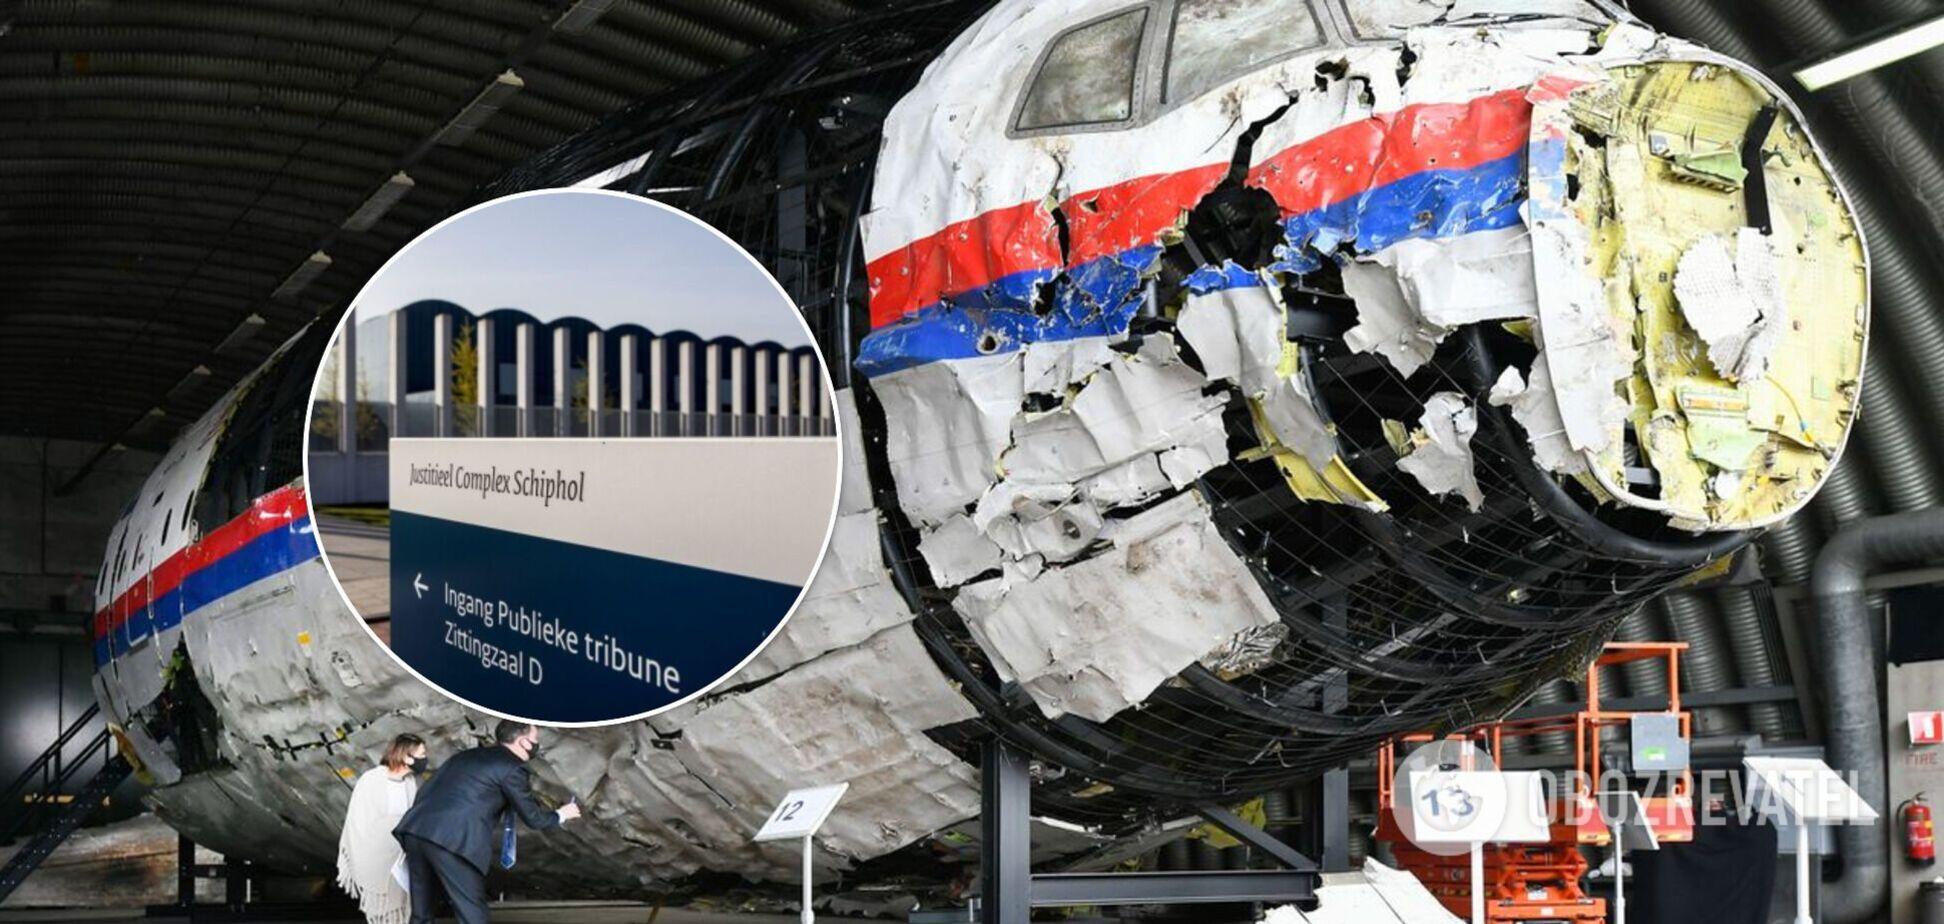 Родичі жертв катастрофи МН17 дали свідчення в Гаазі і звинуватили Росію у брехні